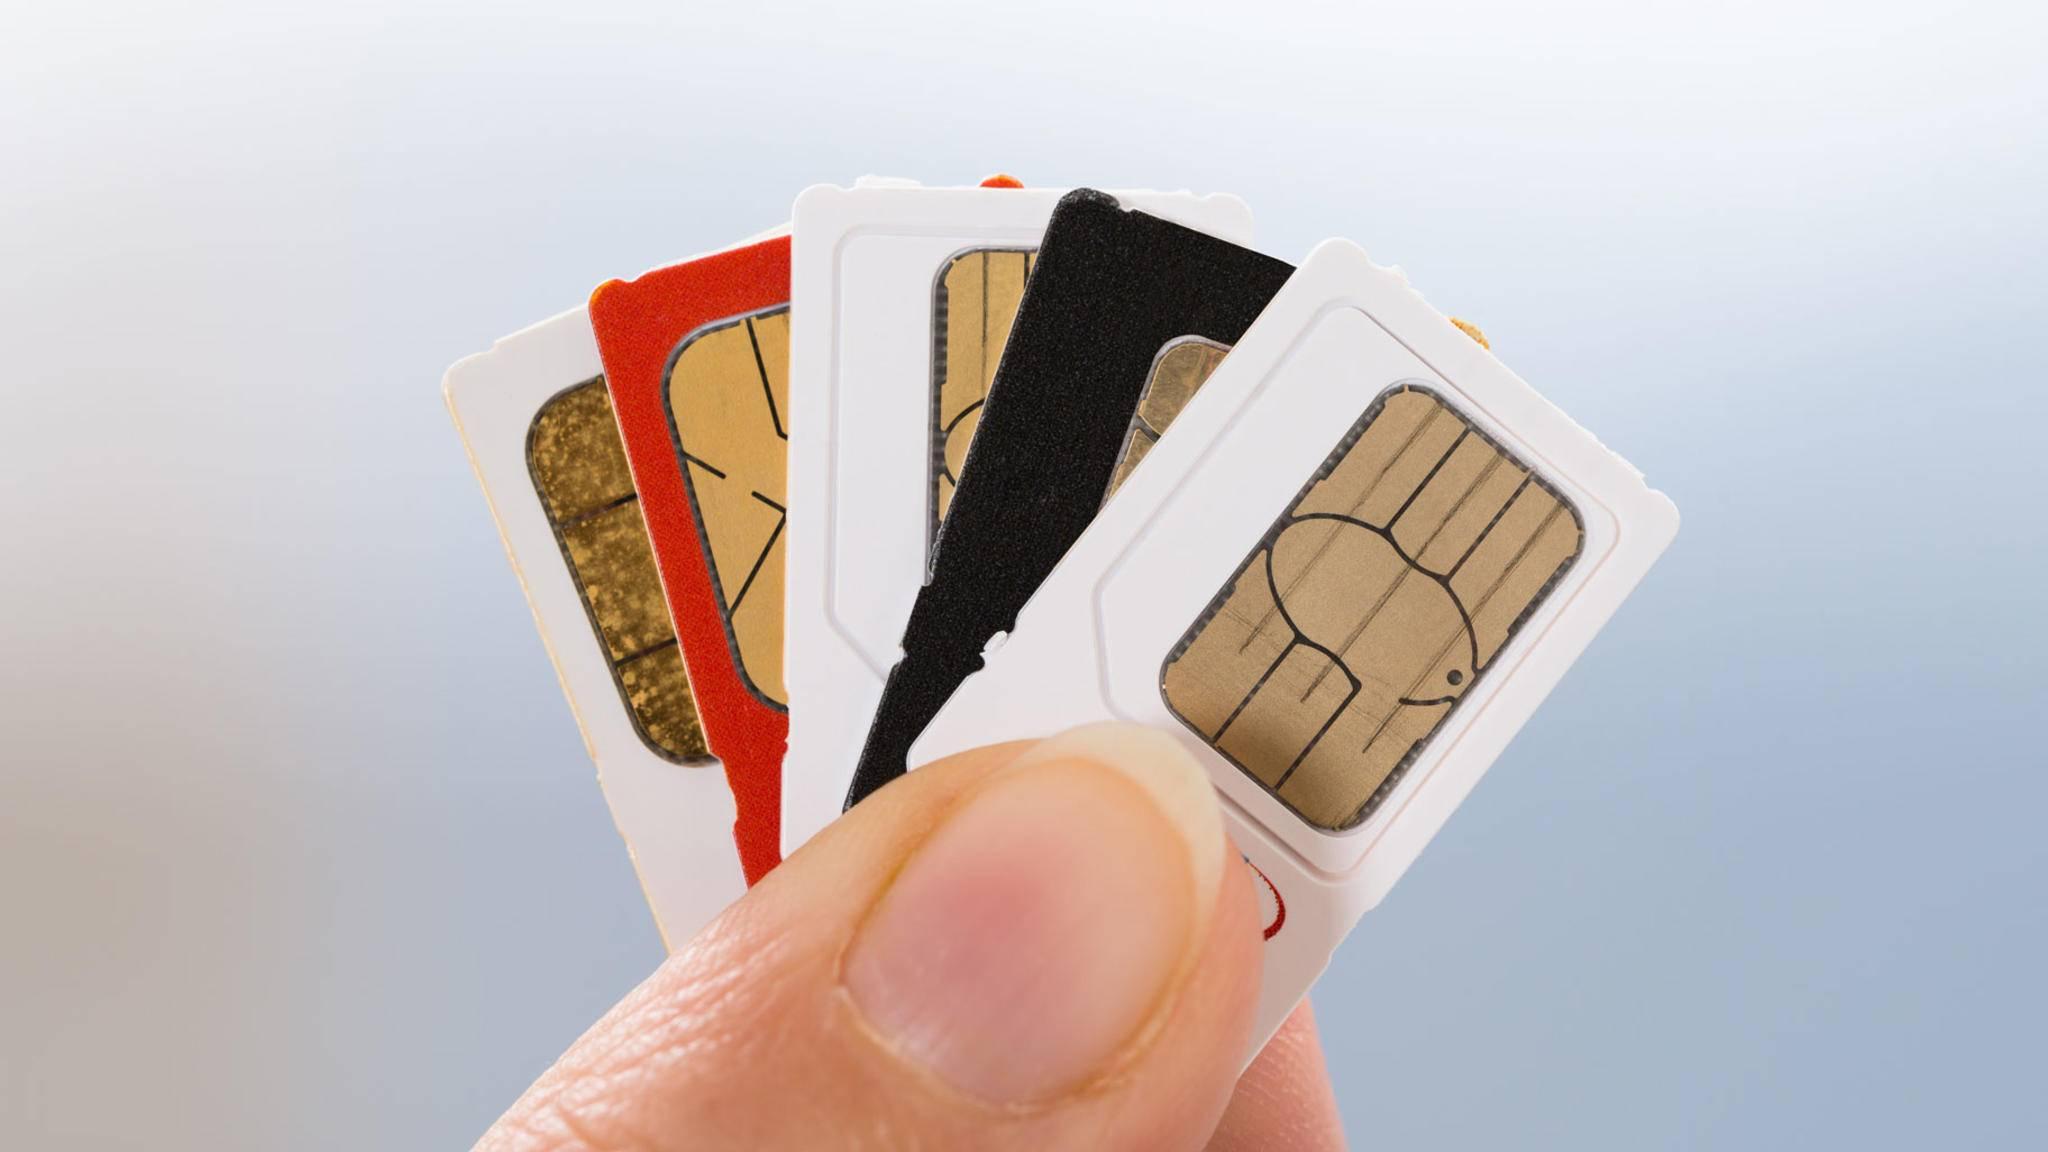 Ist das Handy mit einem SIM-Lock versehen, funktioniert es nur mit einem bestimmten Mobilfunkanbieter.